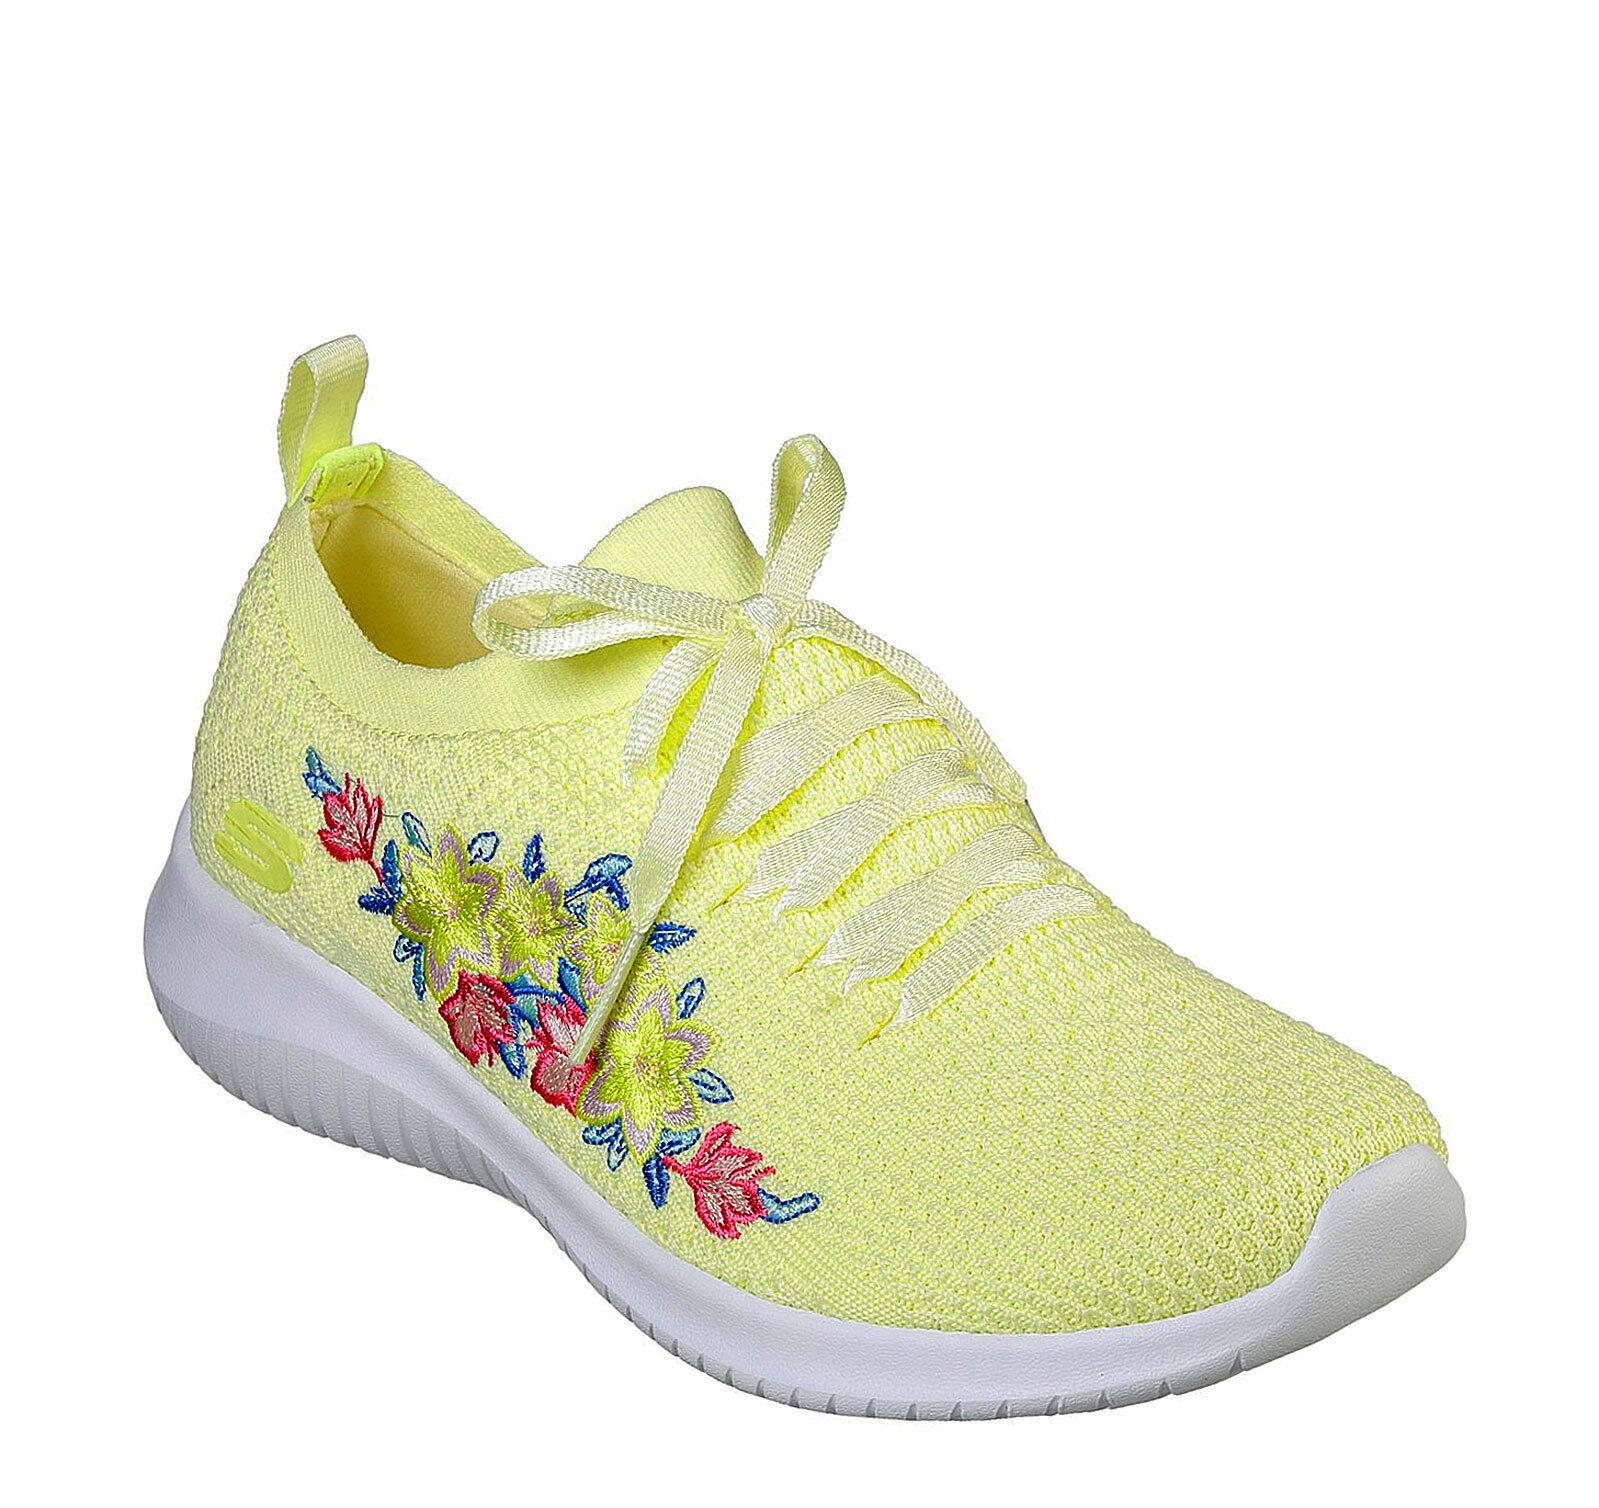 Skechers NEW Ultra Flex Fresh Pick Gelb floral memory foam trainers Größe 3-8